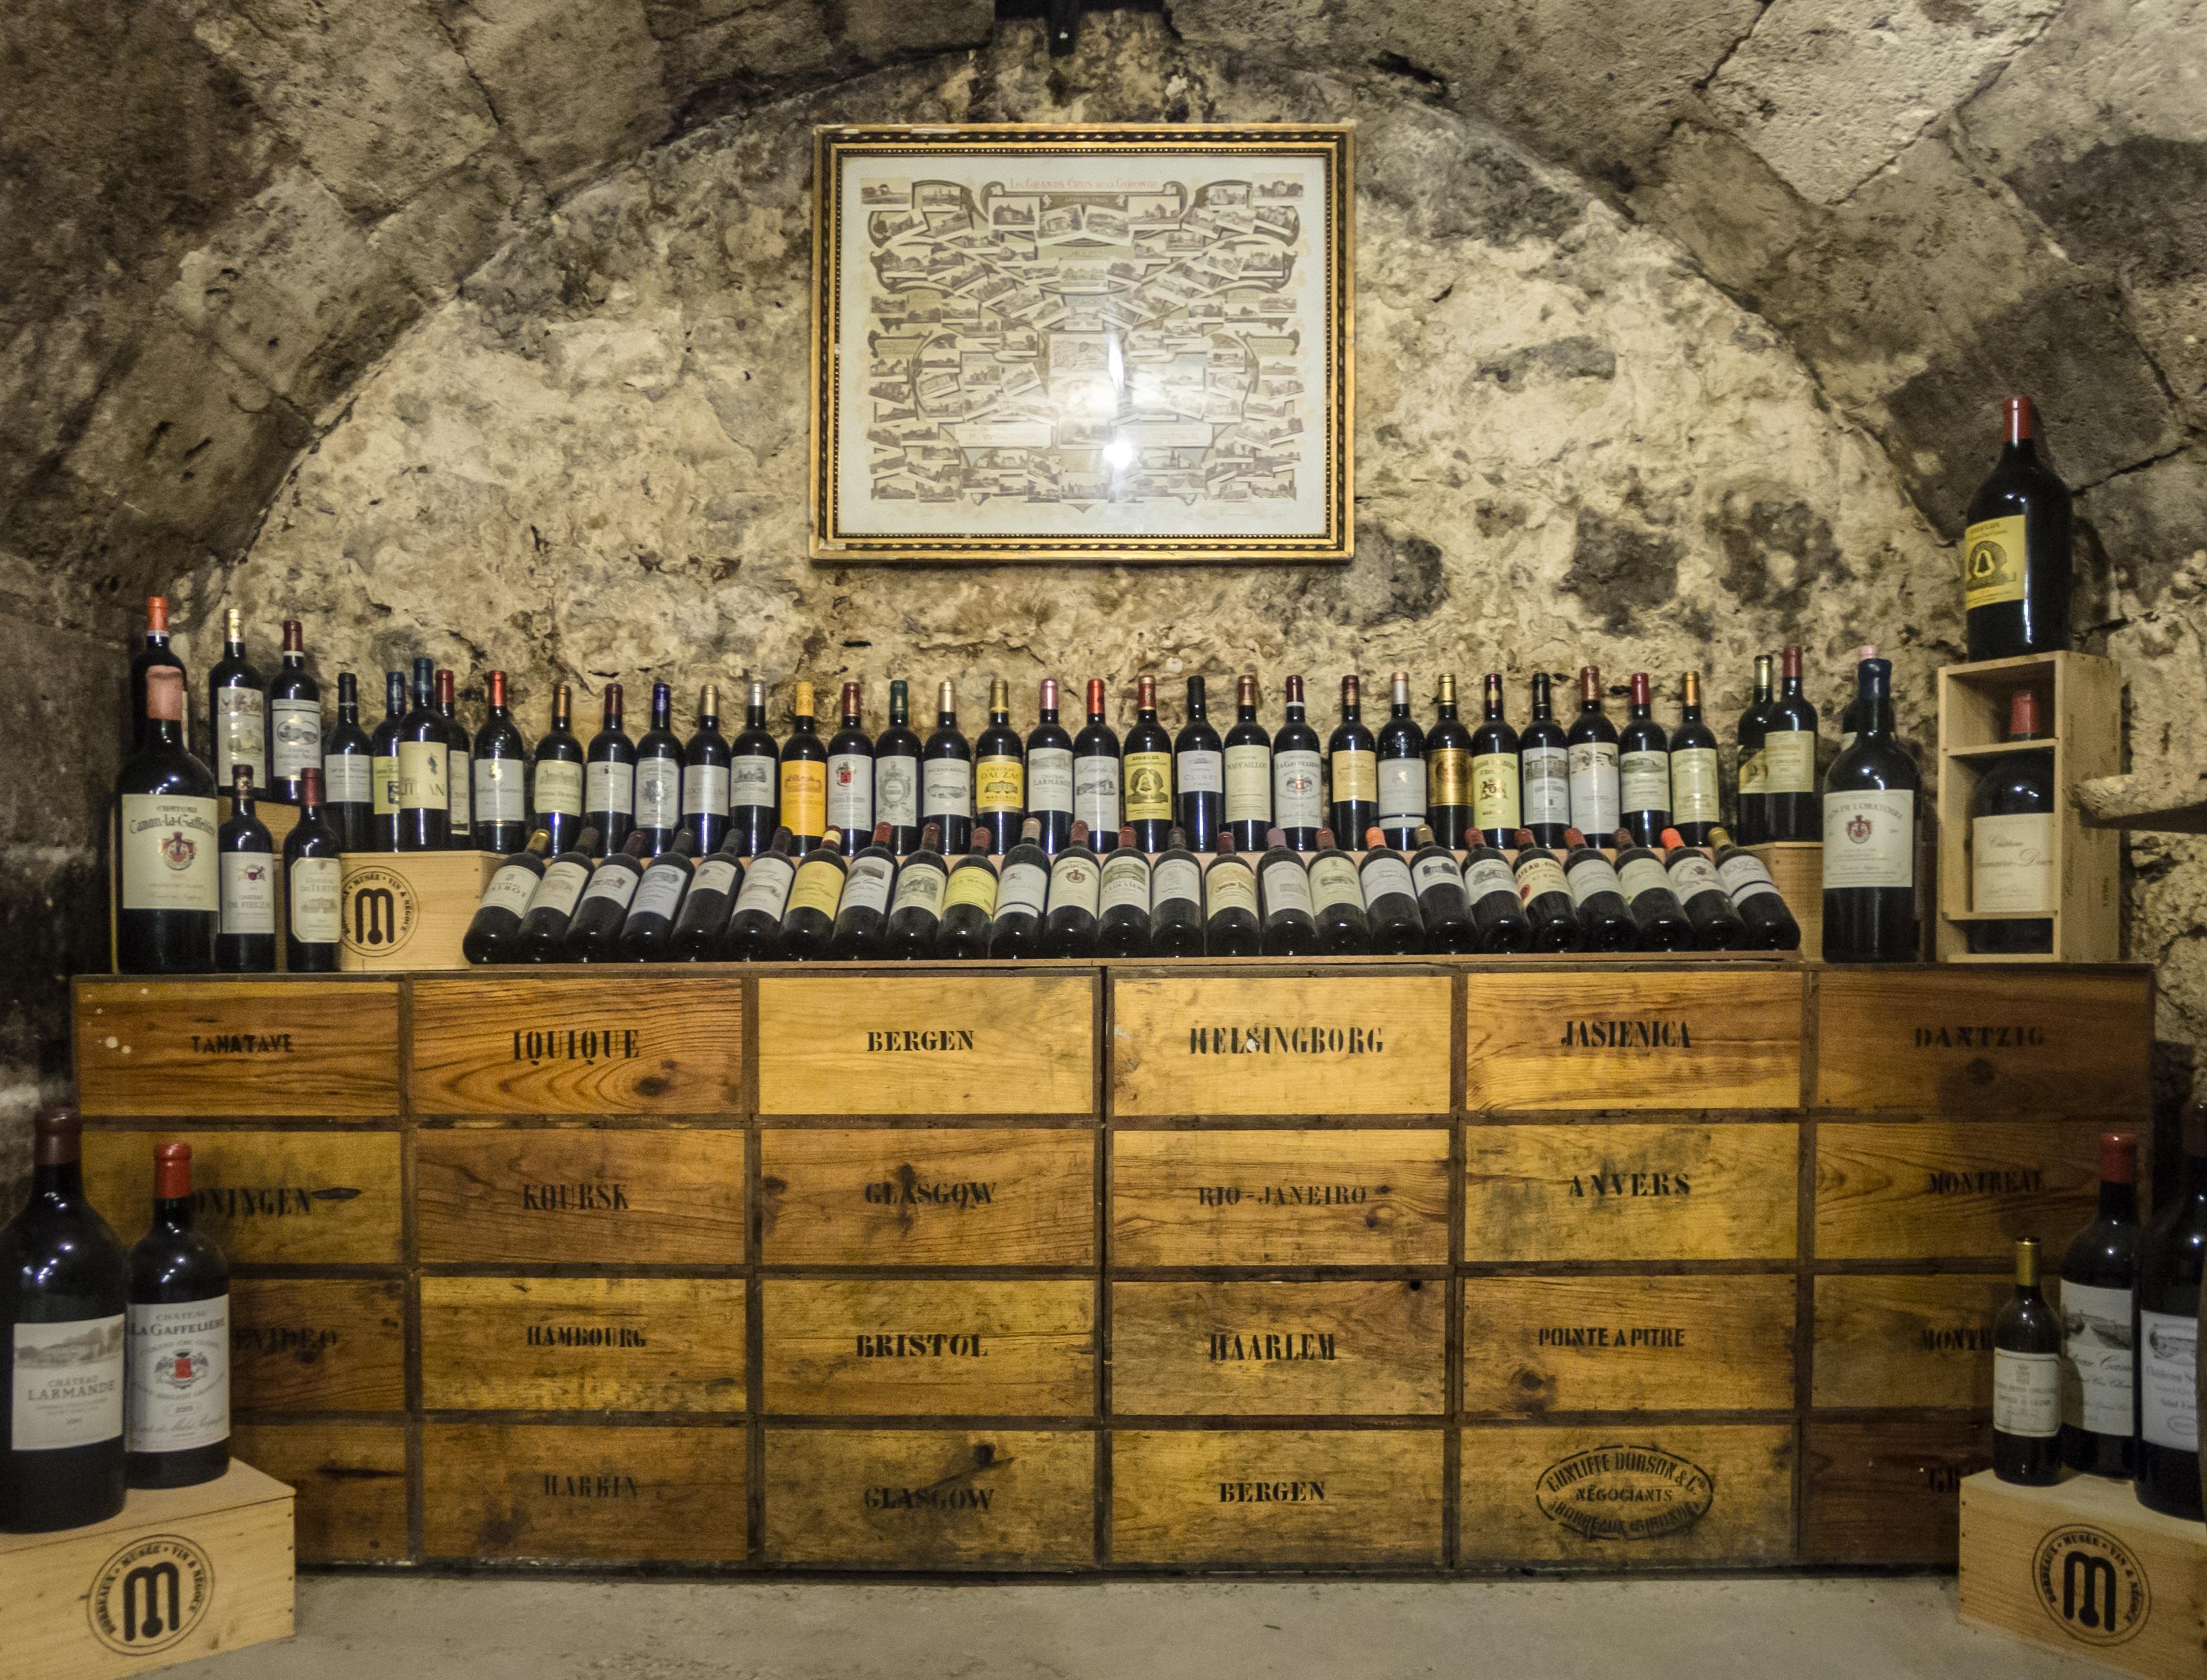 Corretta conservazione del vino [Innamorato del vino]